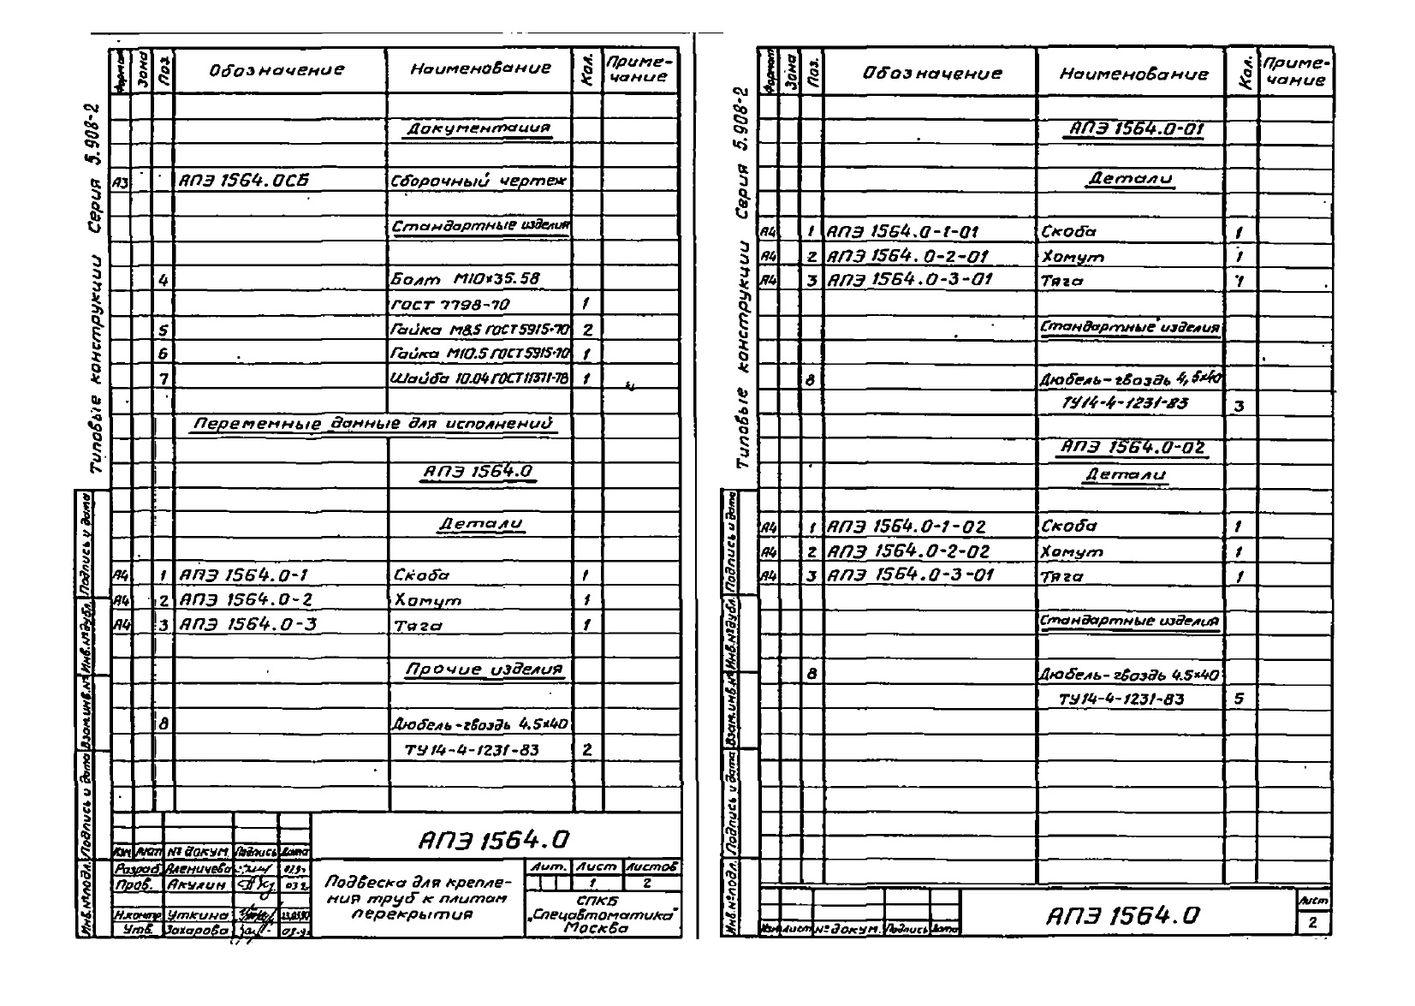 Подвеска АПЭ 1564.0 серия 5.908-2 стр.2